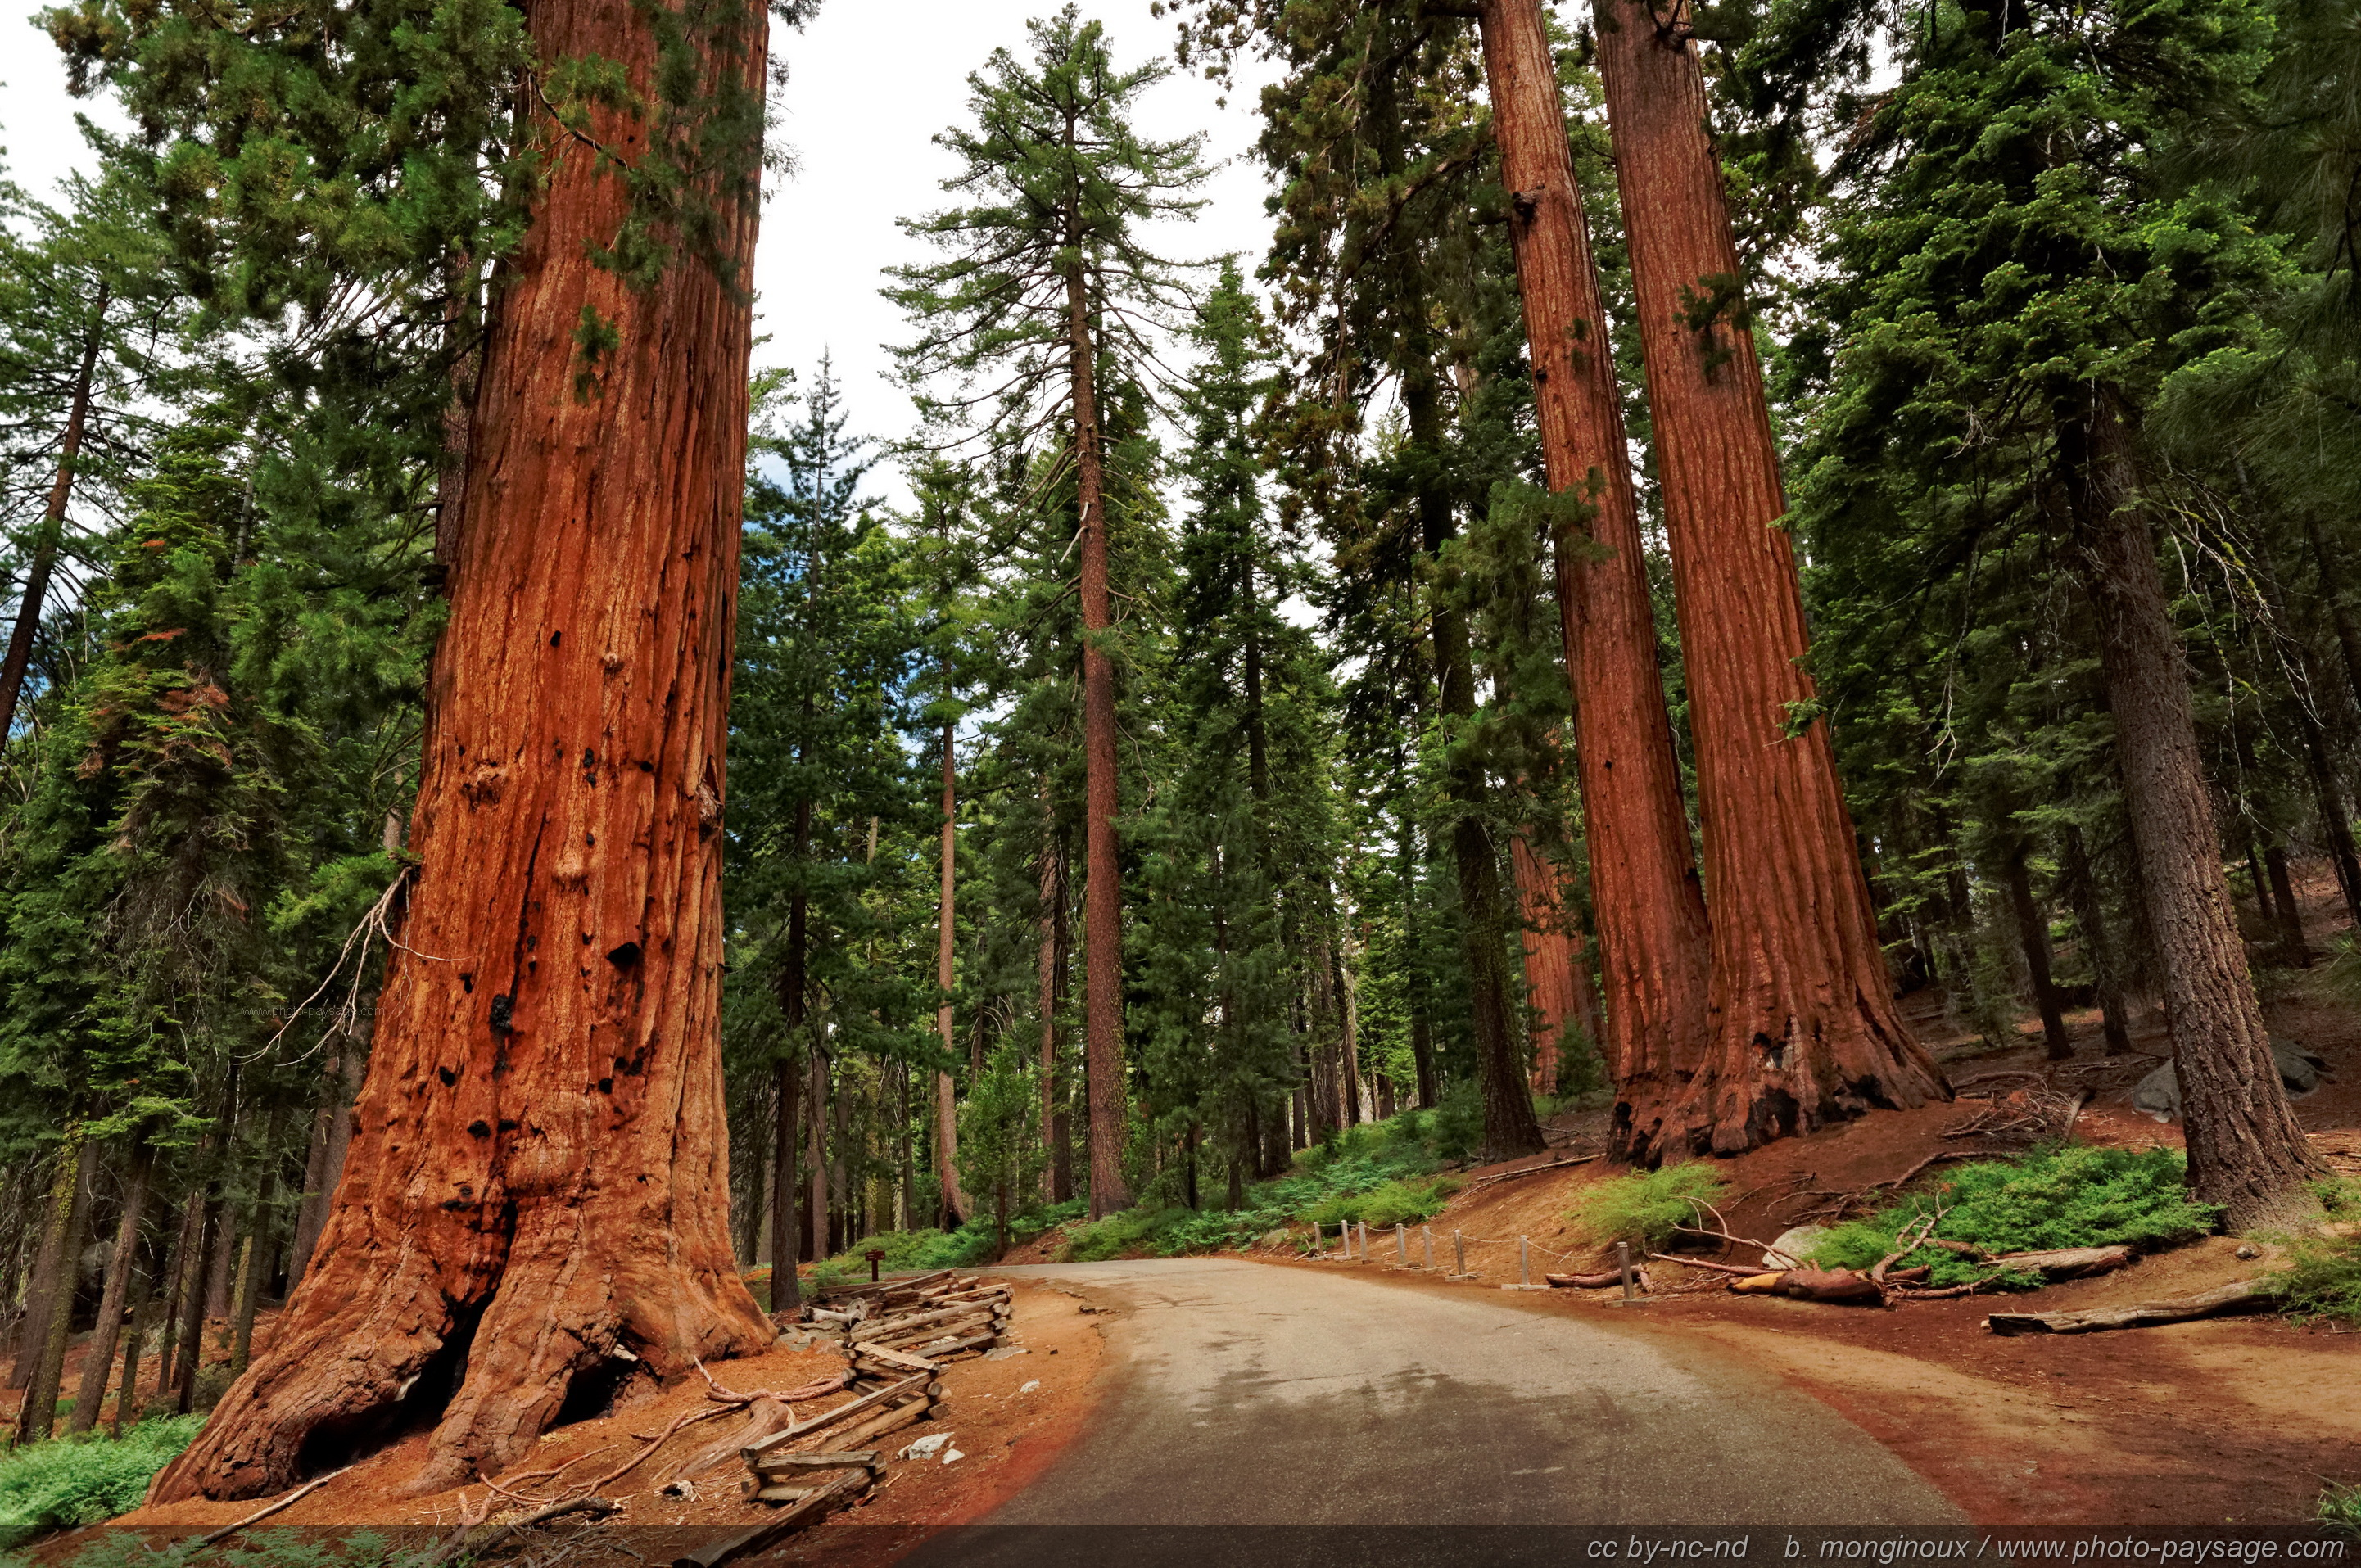 Extrêmement séquoia | Photo-Paysage.com, le blog NA72